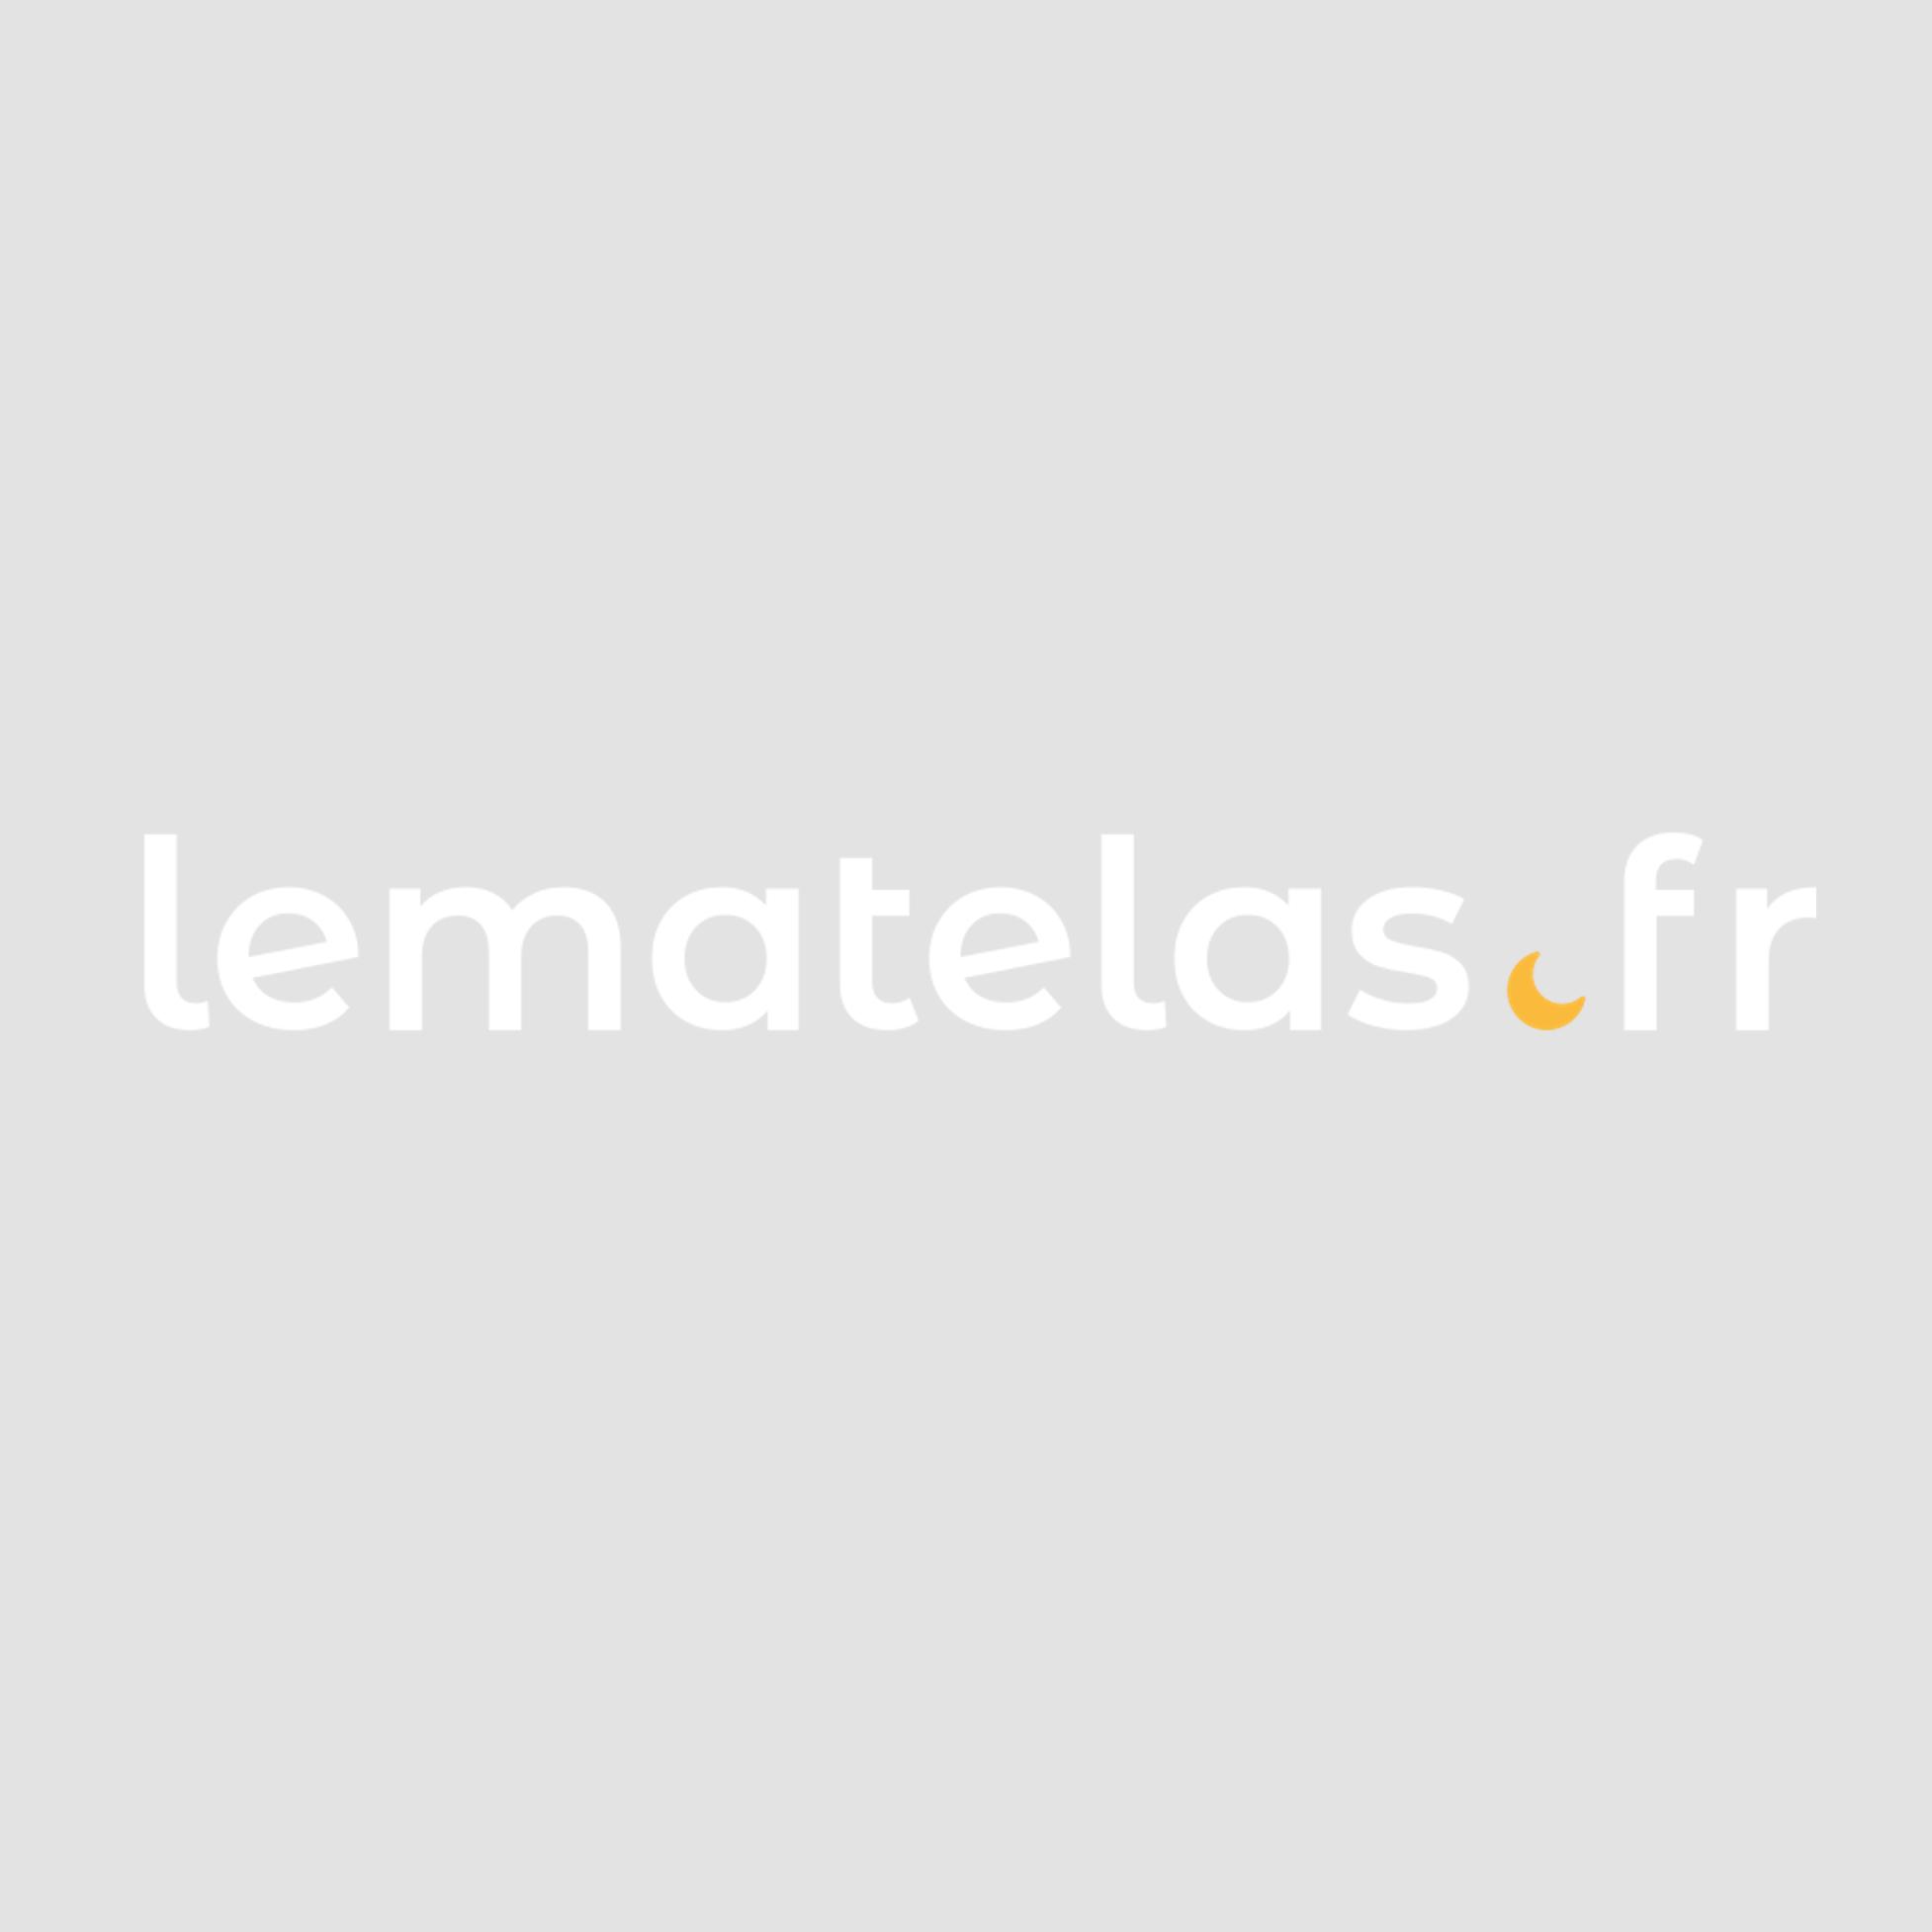 Banquette en pin massif noir avec 2 matelas futon bleu pétrole 70x100. Ajustable en 3 positions. Moderne et confortable. Livré en kit avec notice de montage.